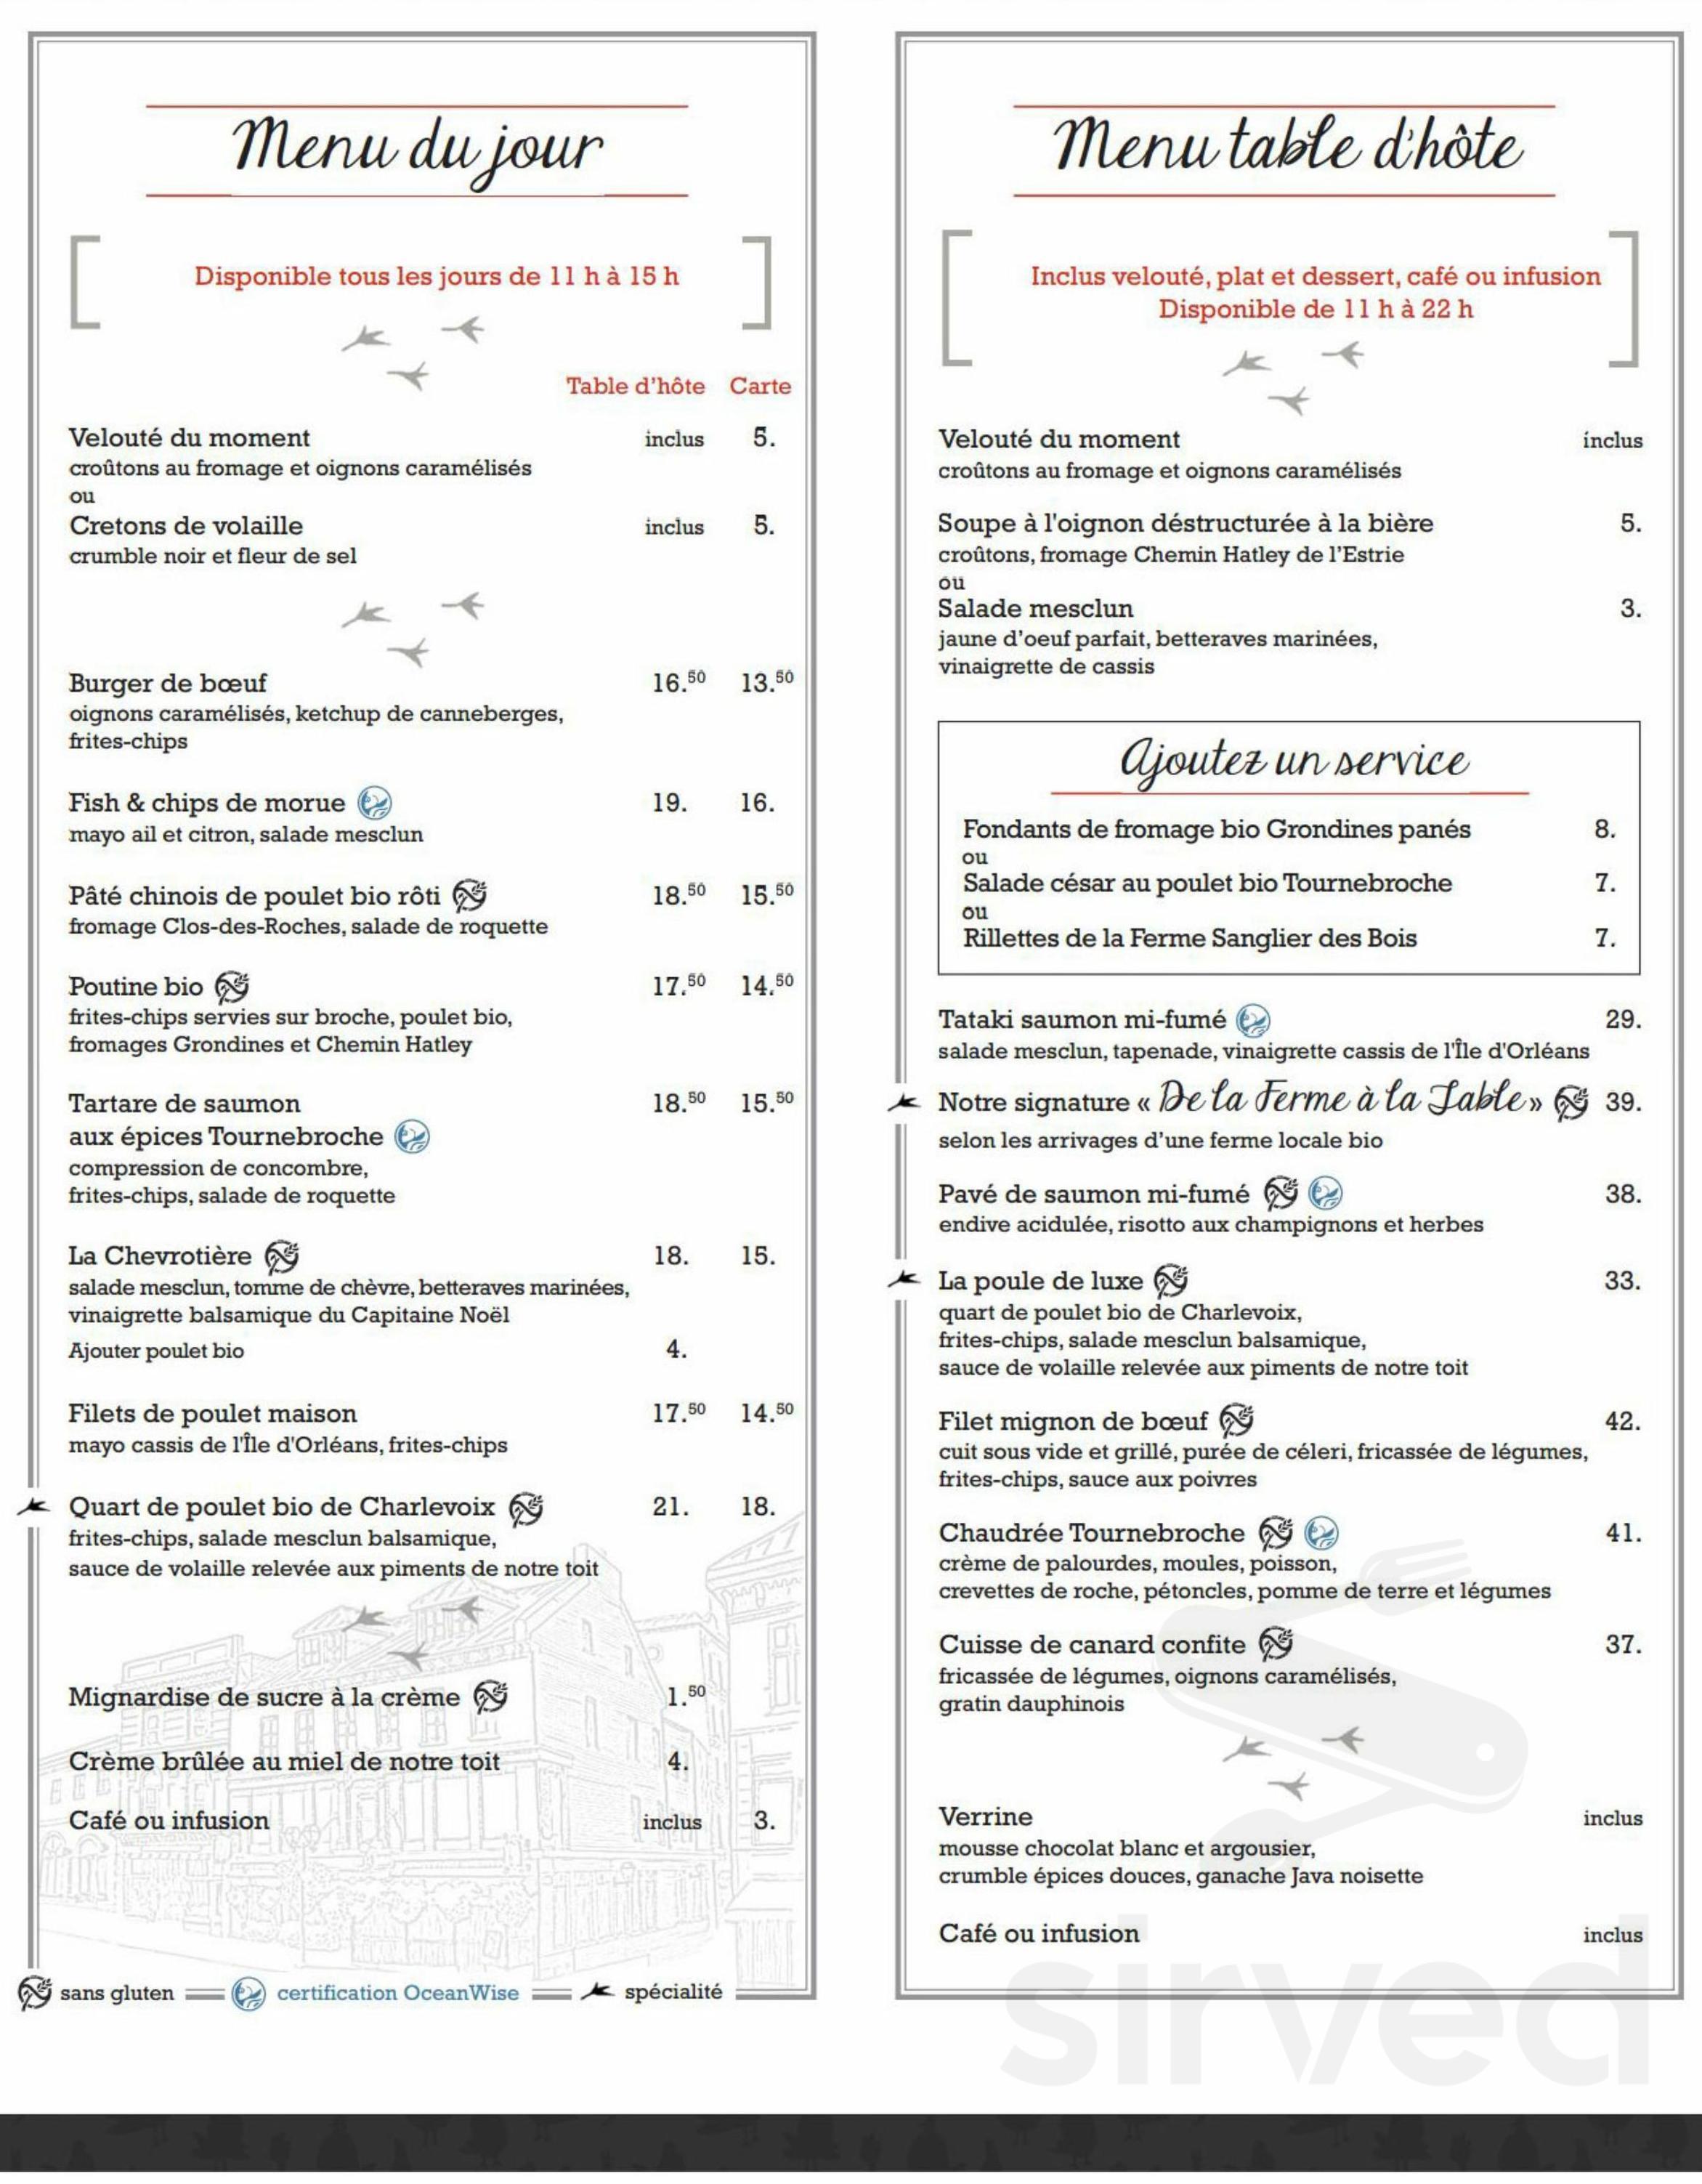 de La Ferme à la table menu in Québec, Quebec, Canada